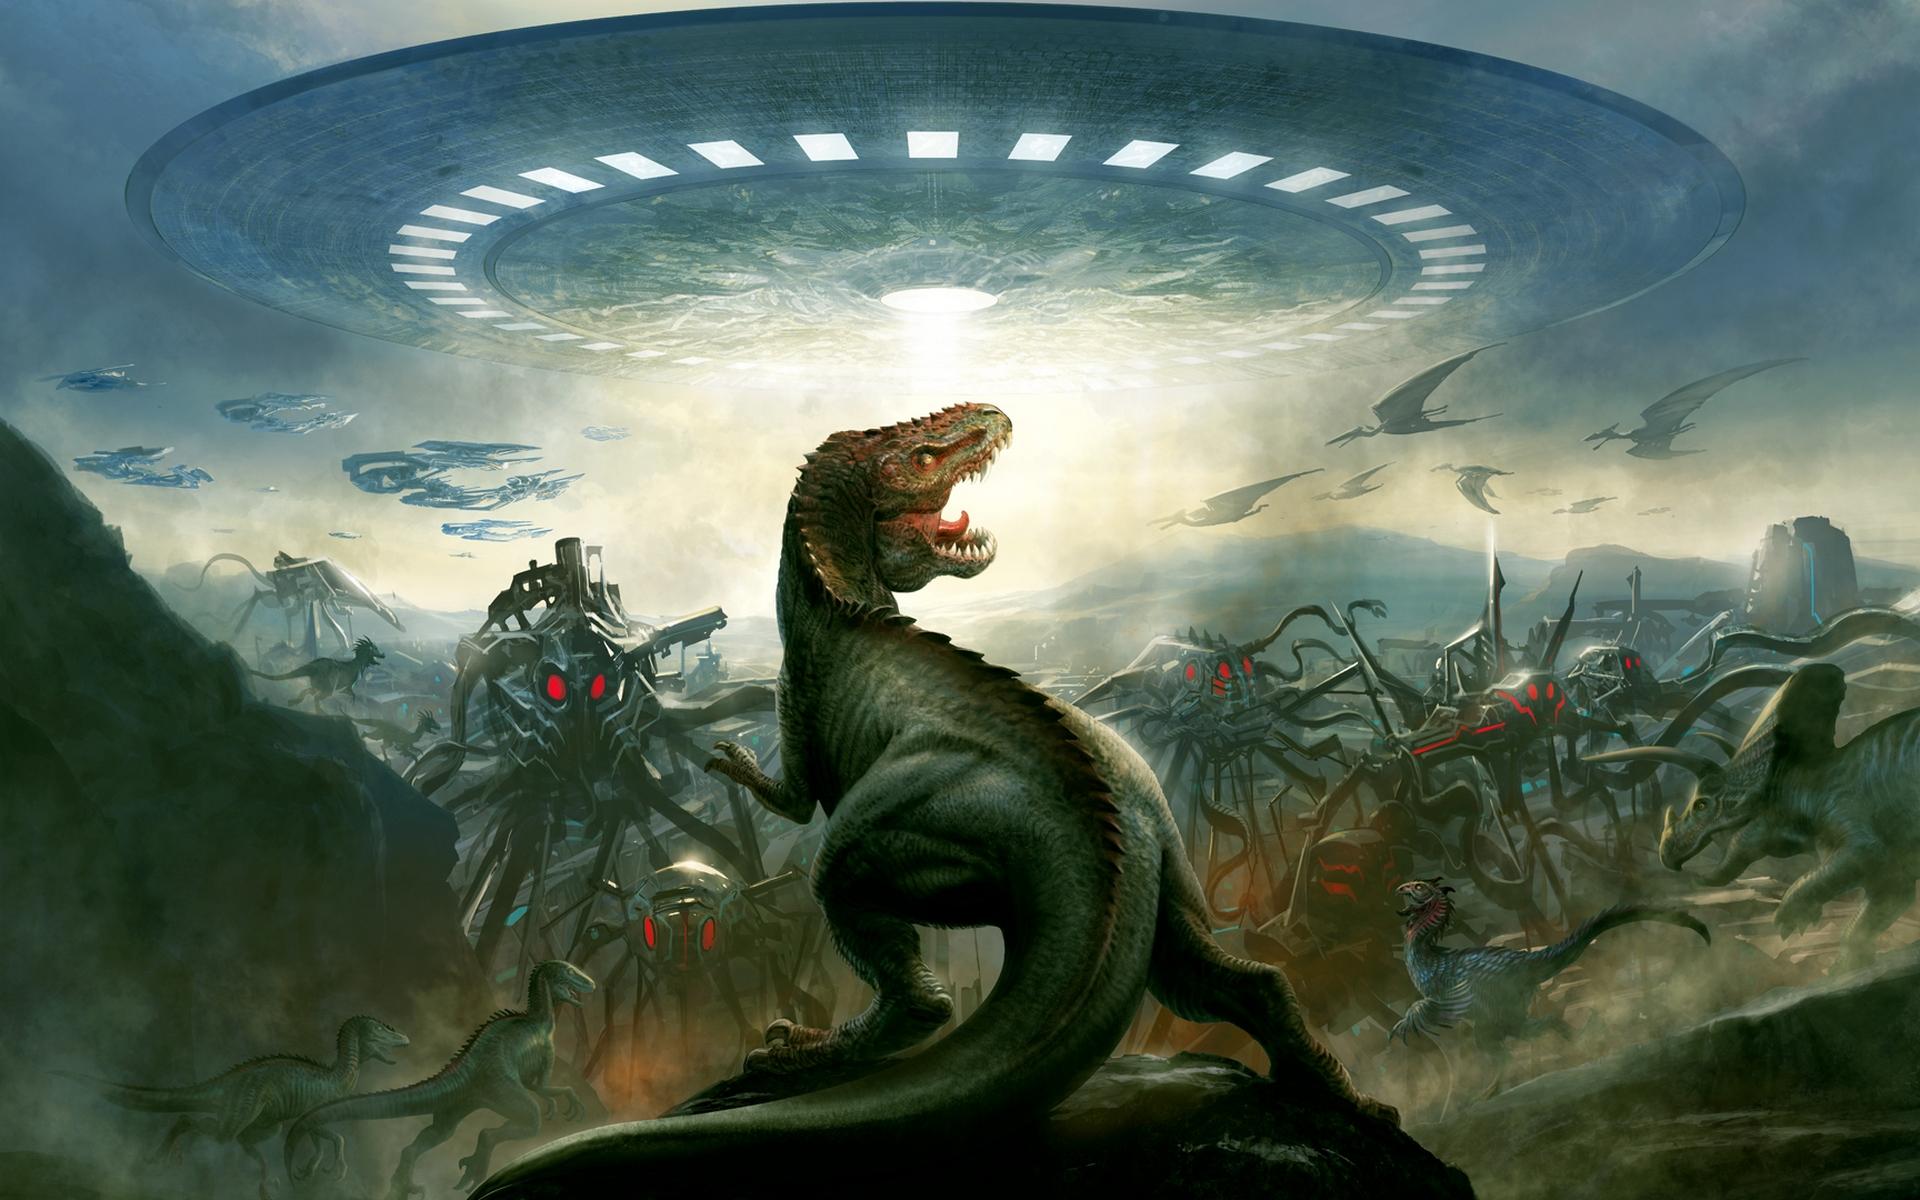 2837636_140096232412_alien-invasion-wallpaper-george-roush-roush-dinosaurs-.jpg